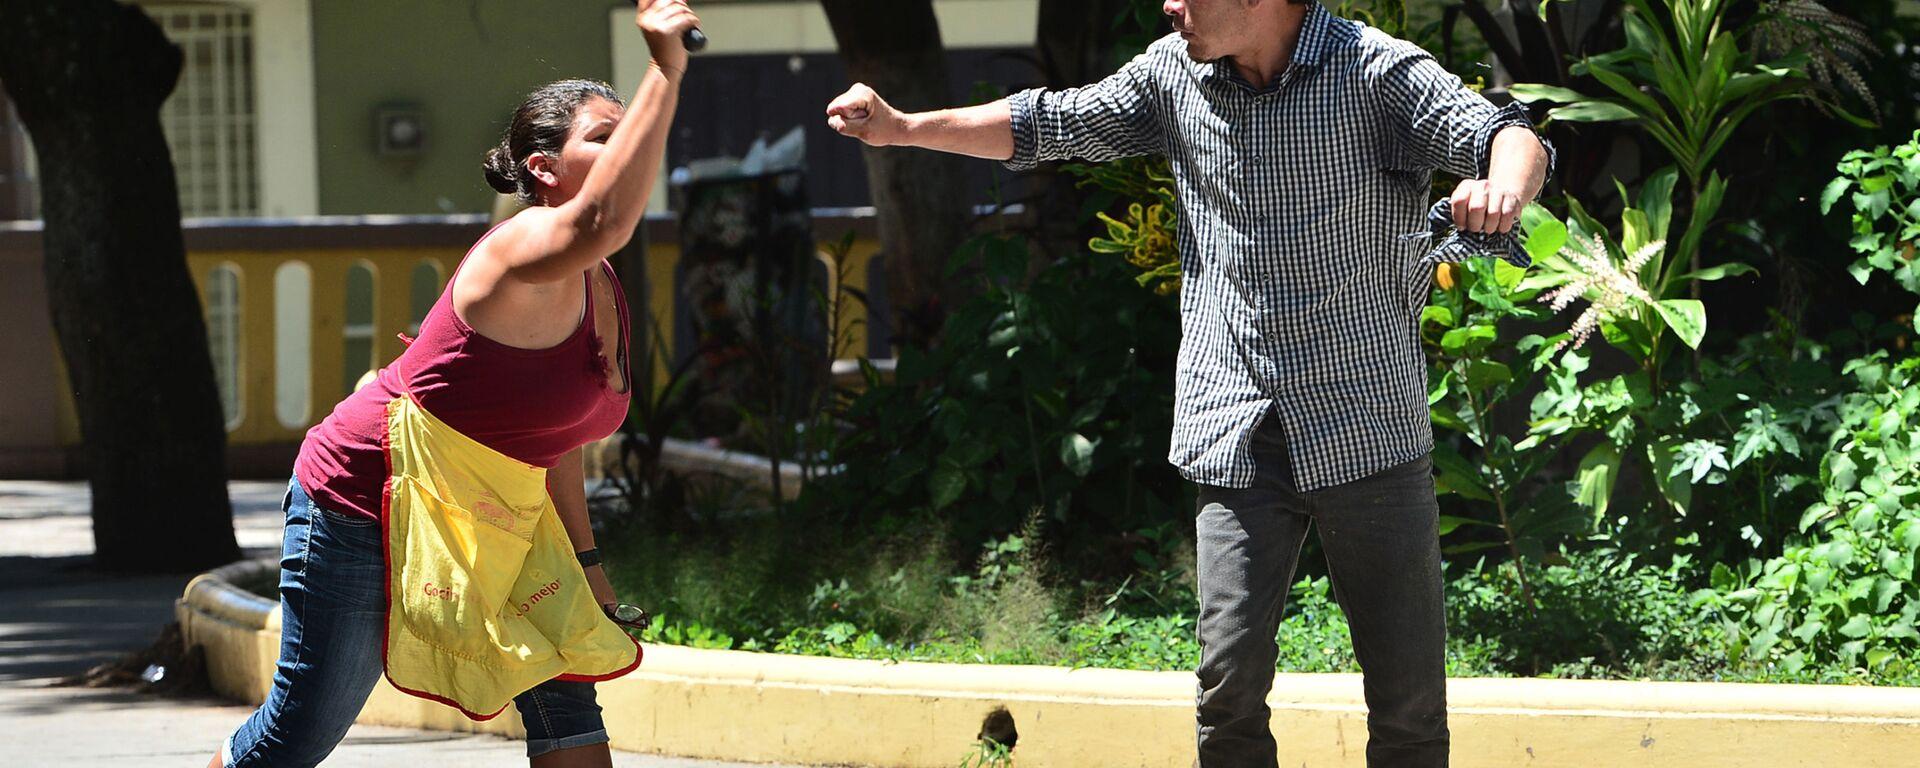 Женщина нападает на мужчину во время антиправительственной акции протеста против мер борьбы с коронавирусом в Тегусигальпе, Гондурас - Sputnik Узбекистан, 1920, 05.06.2021